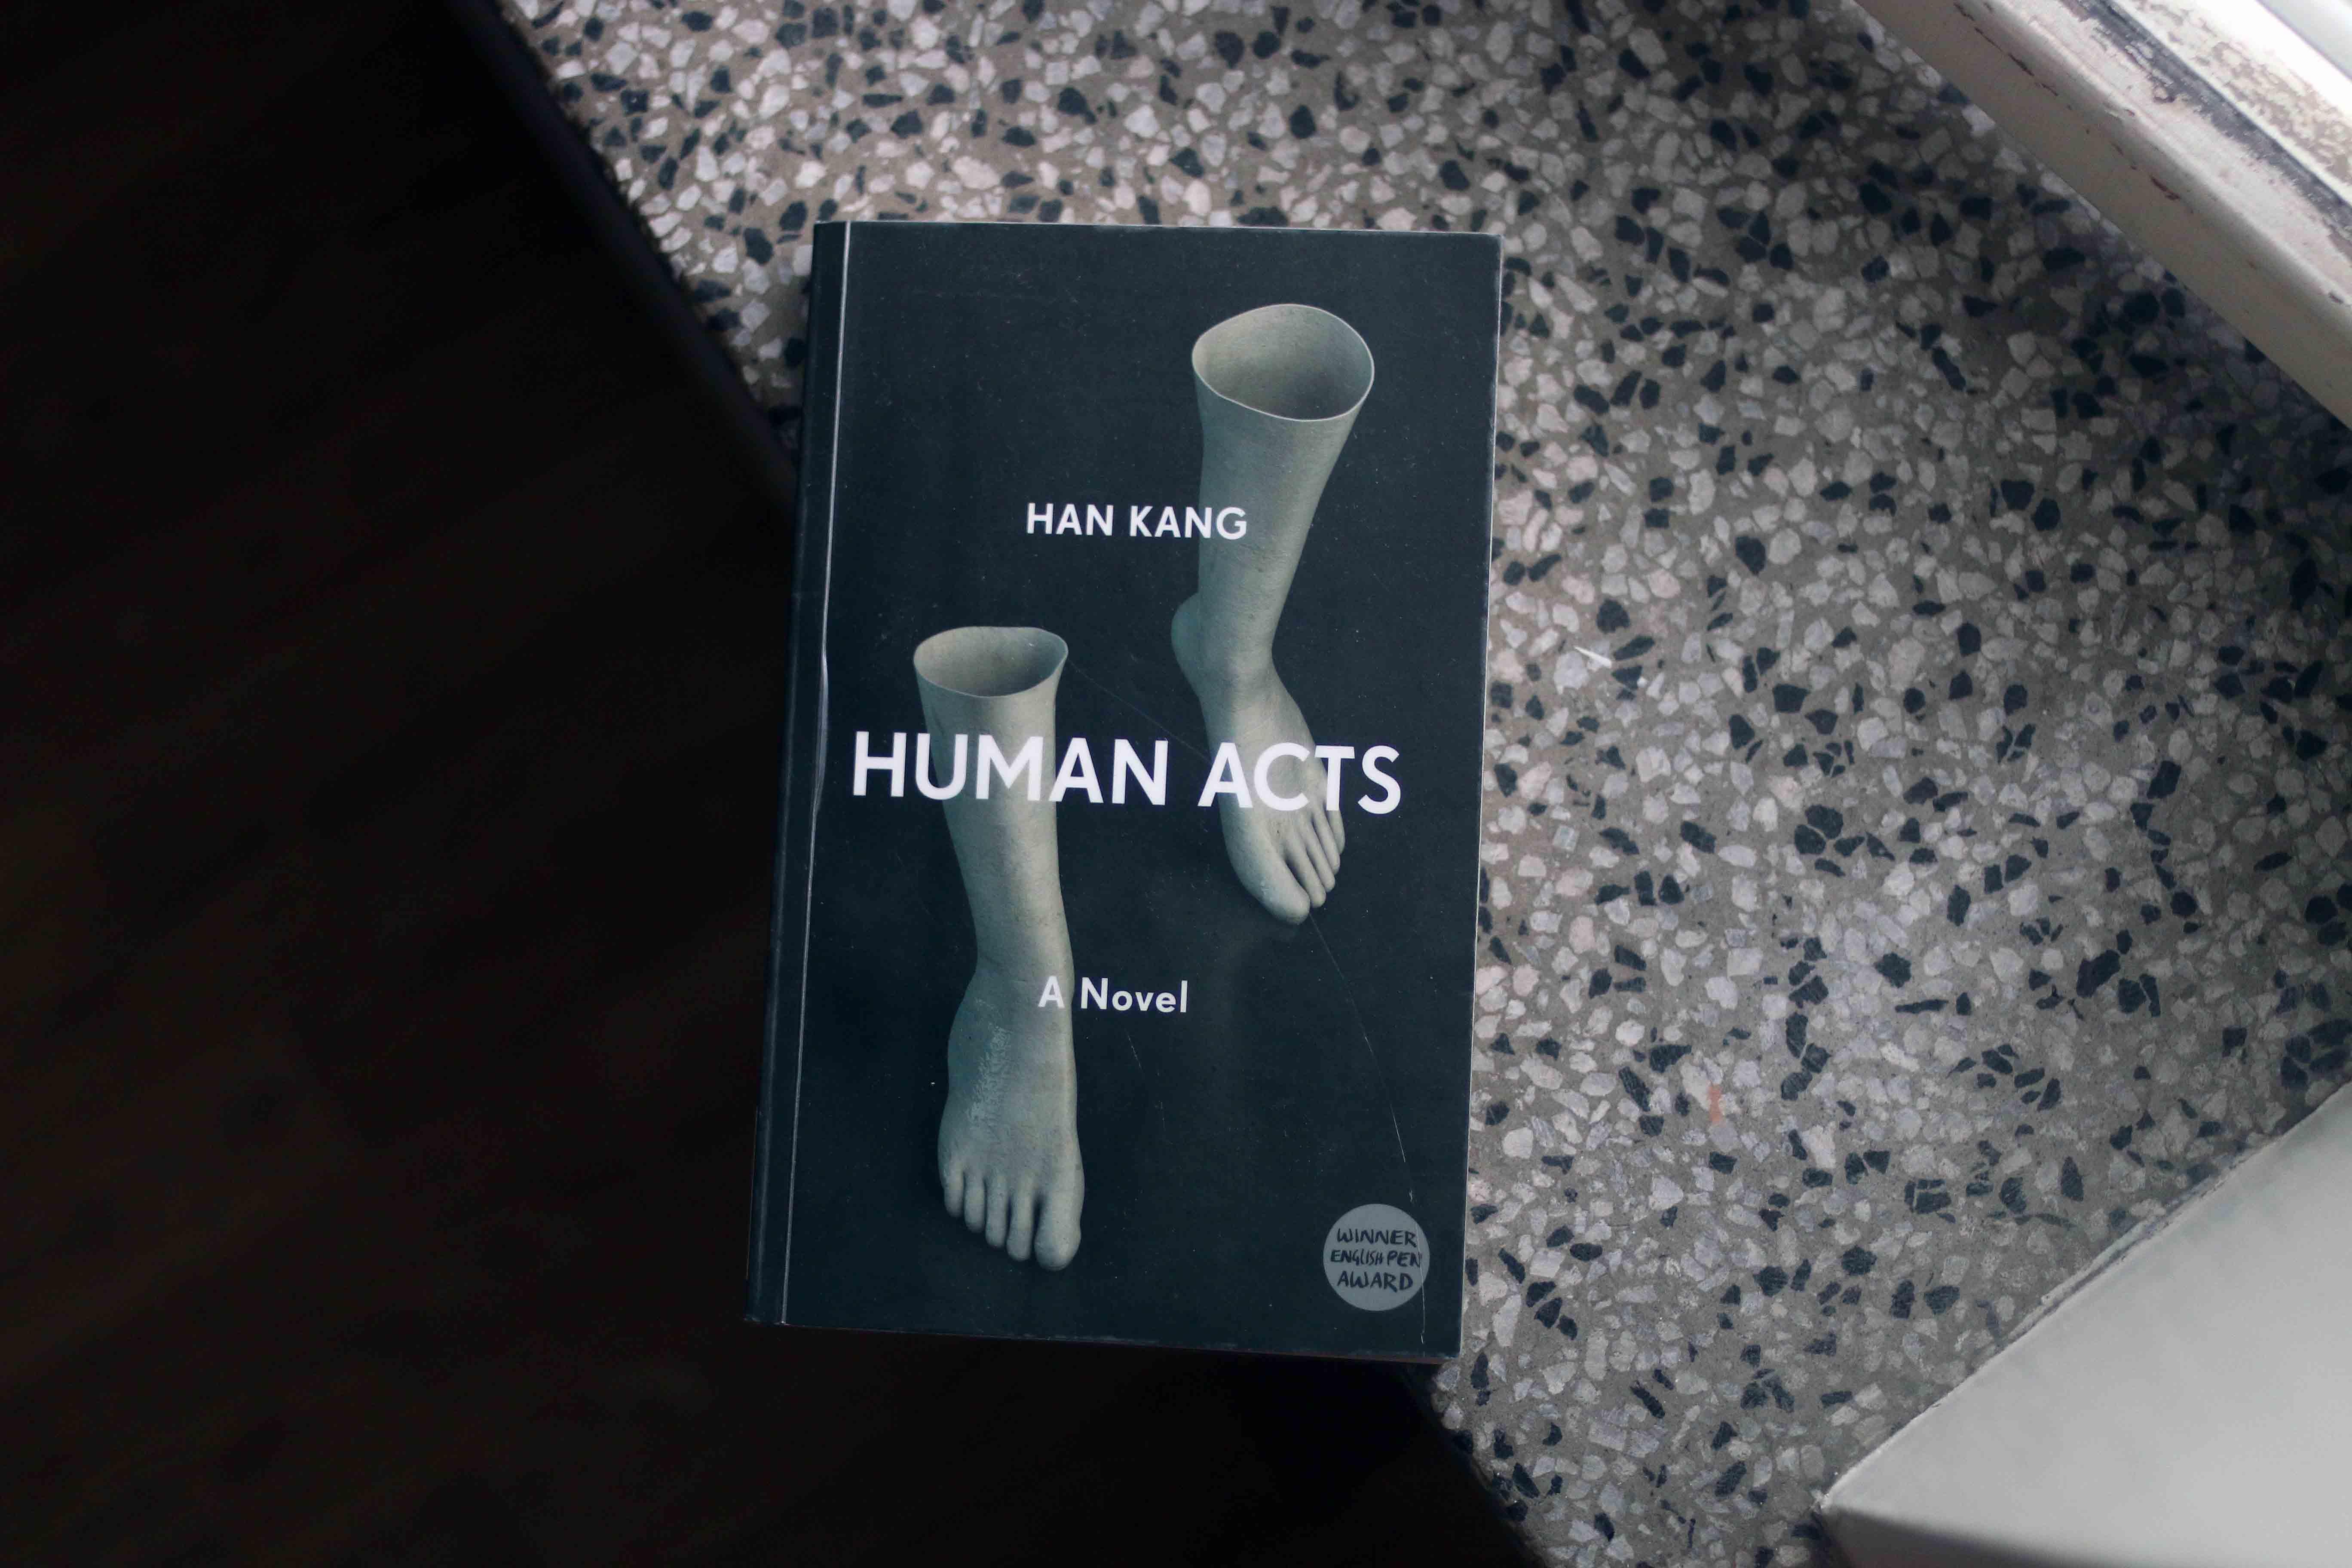 han king human acts